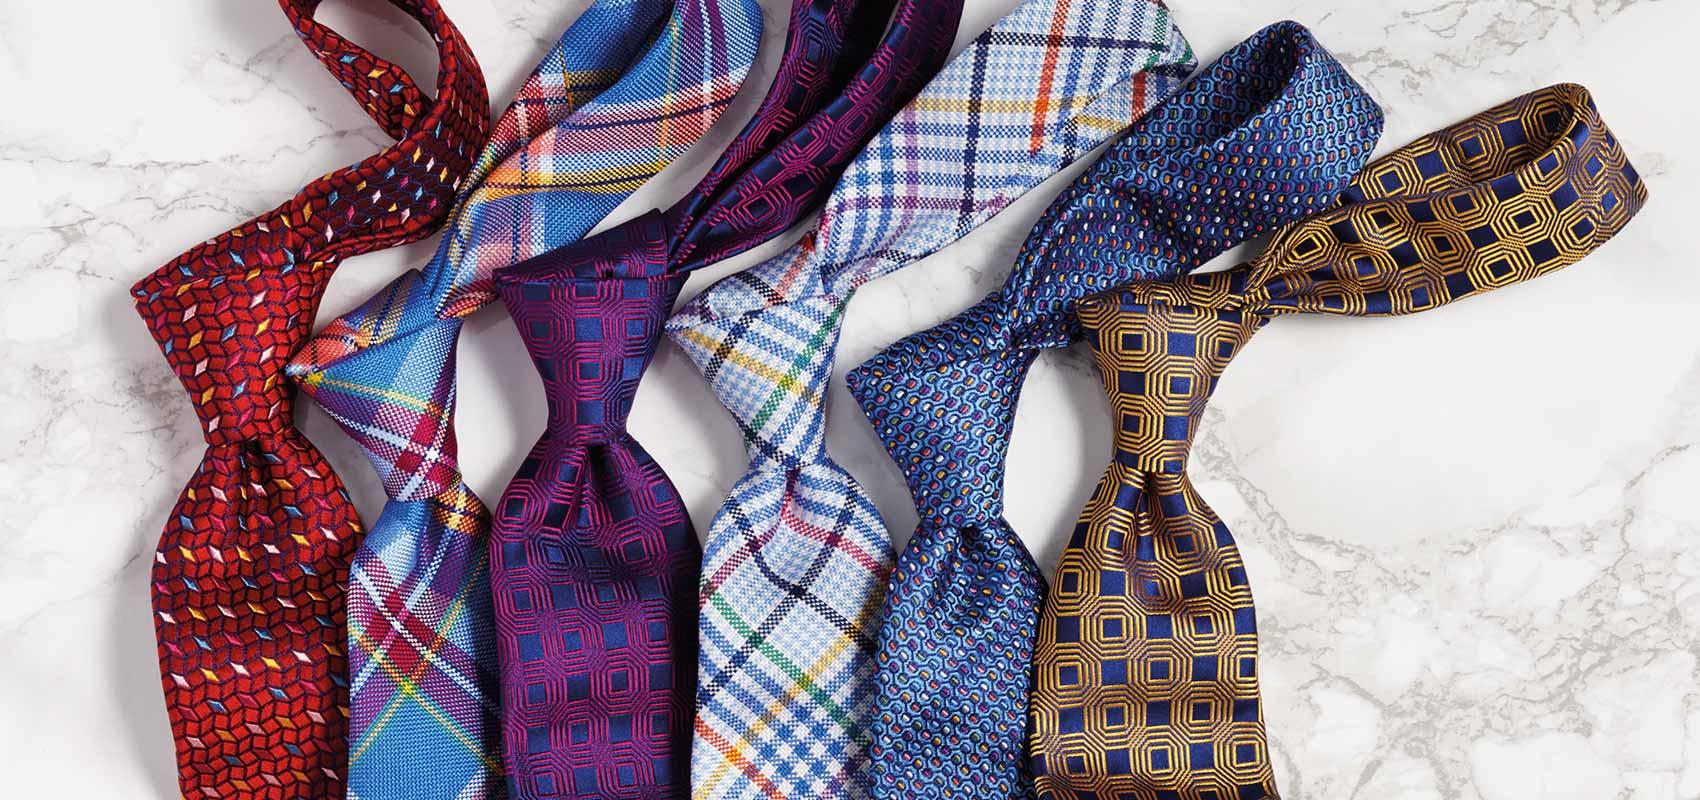 Charles Tyrwhitt silk ties